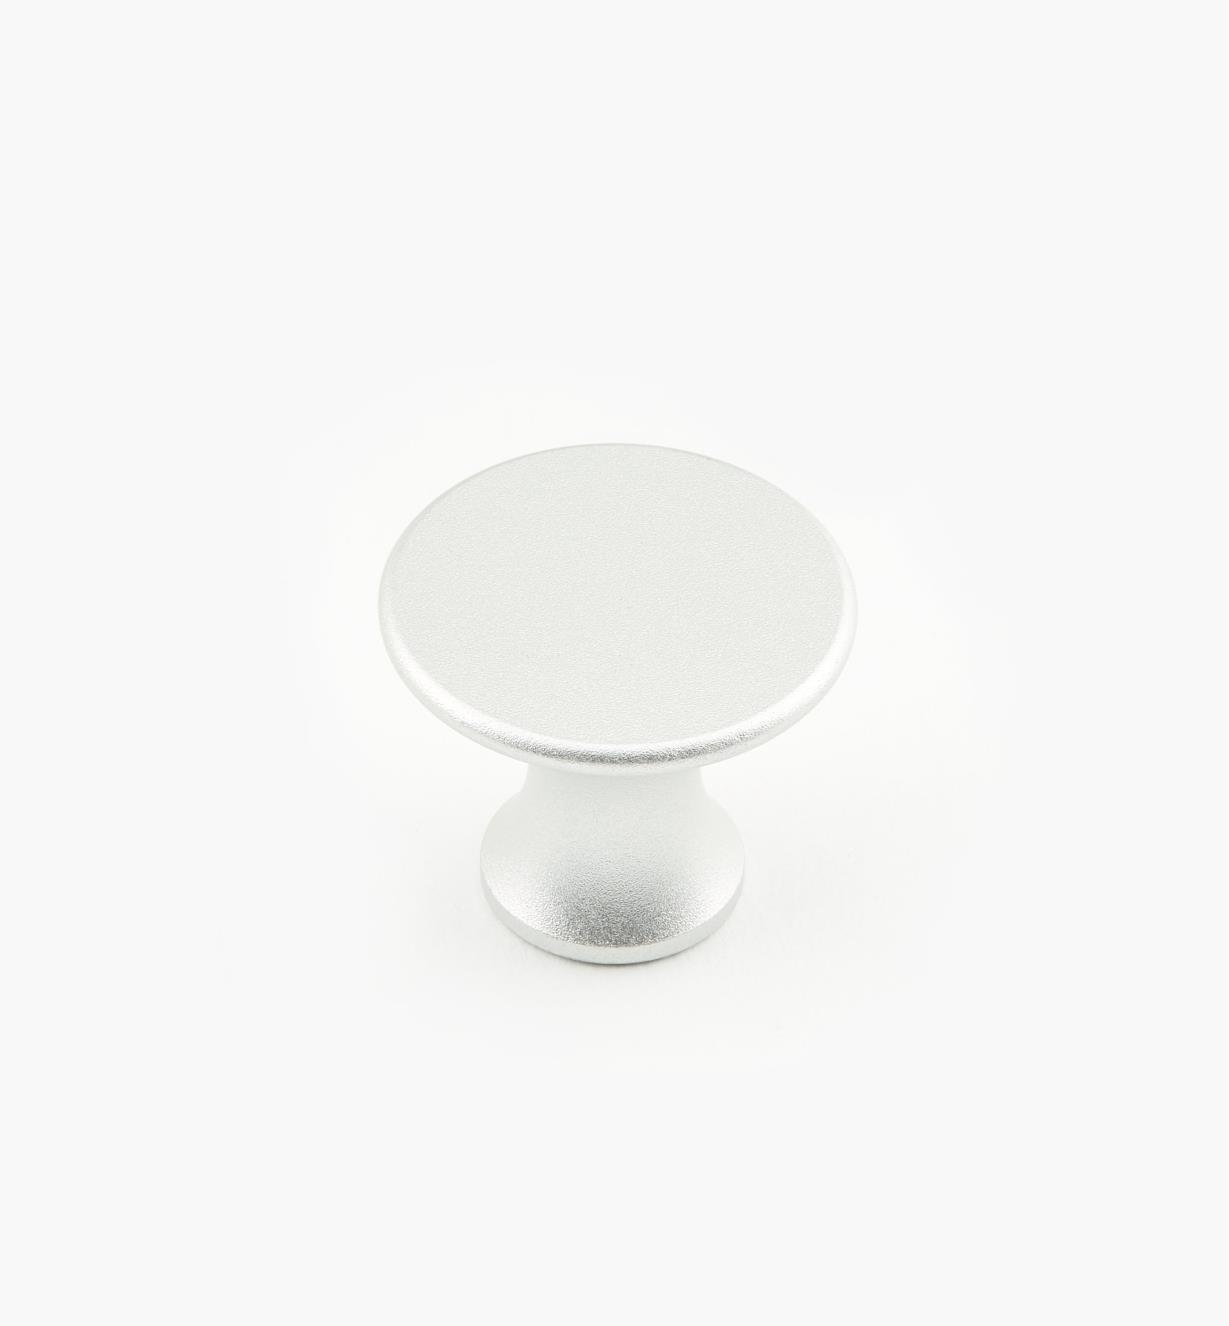 01W9751 - 25mm x 20mm Aluminum Knob